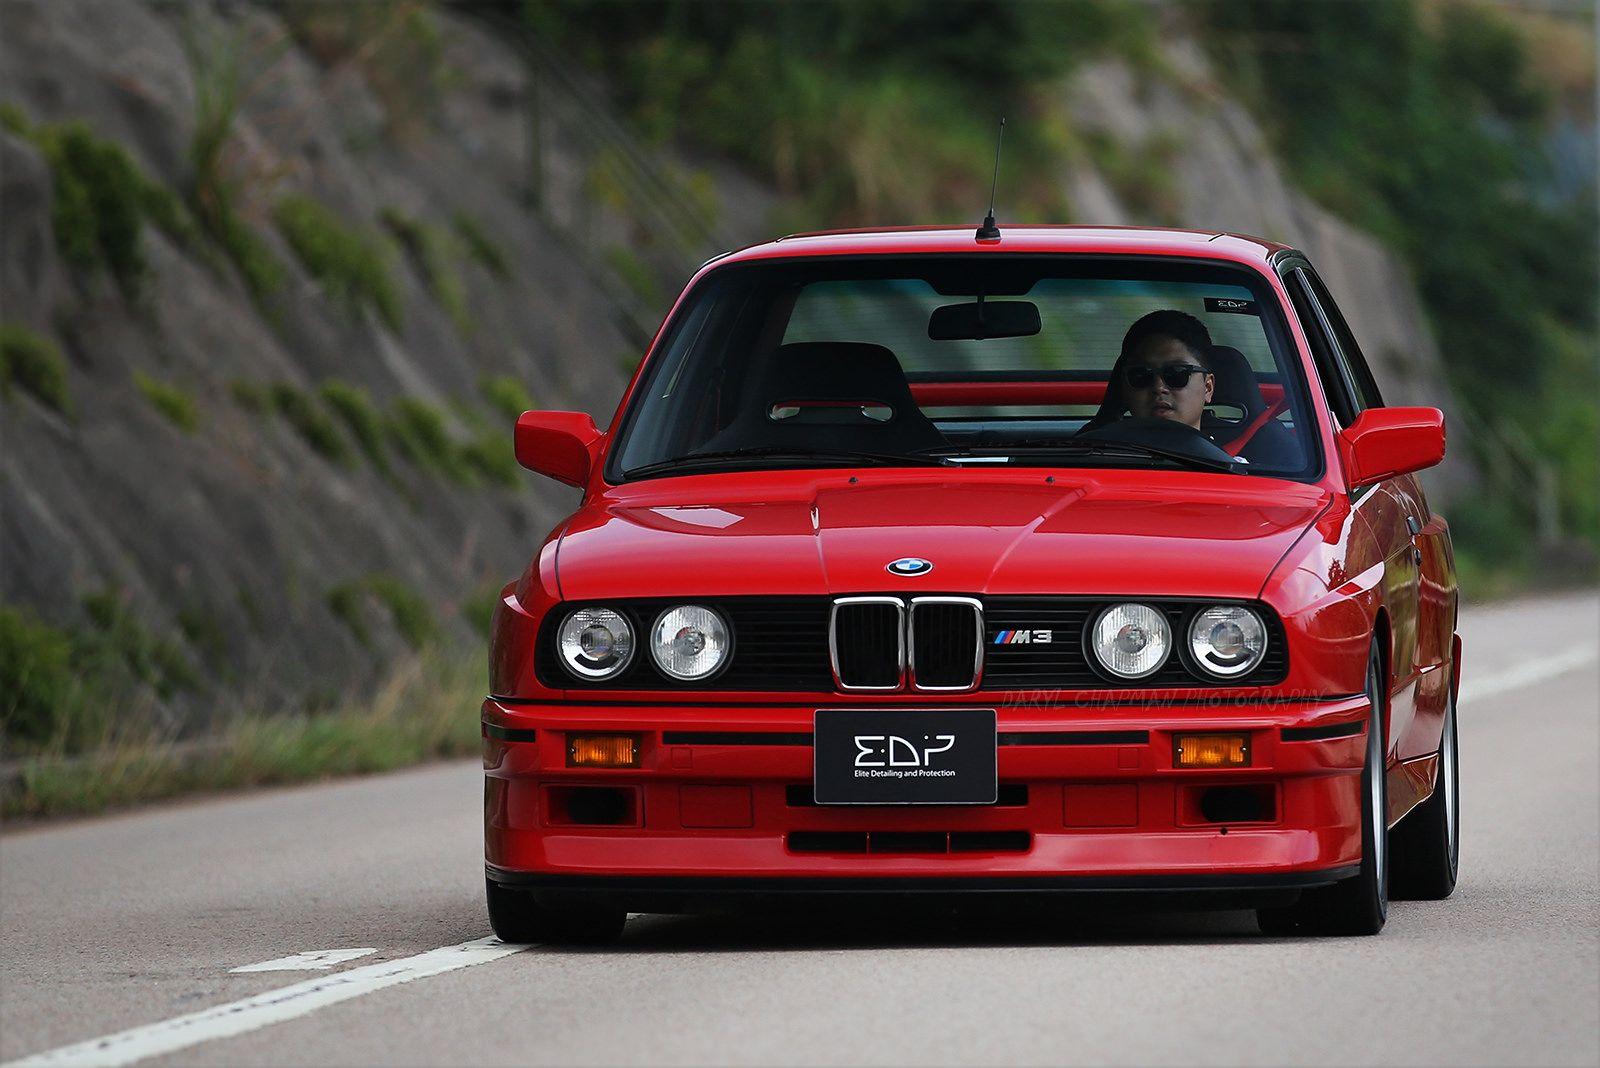 Bmw E30 M3 Sport Evolution Hong Kong Bmw Bmw E30